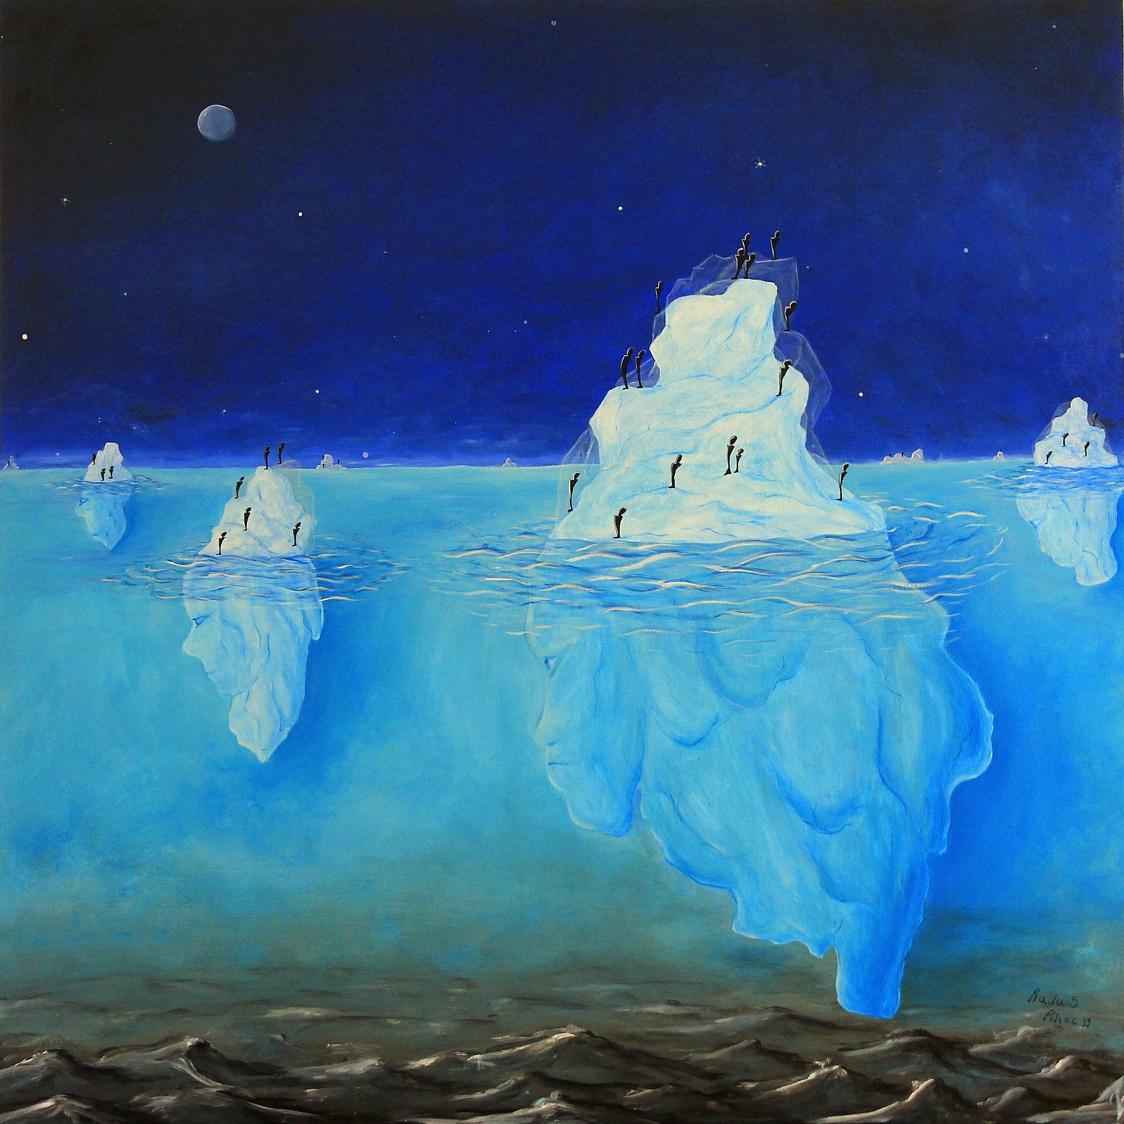 Le songe des Etres de la mer